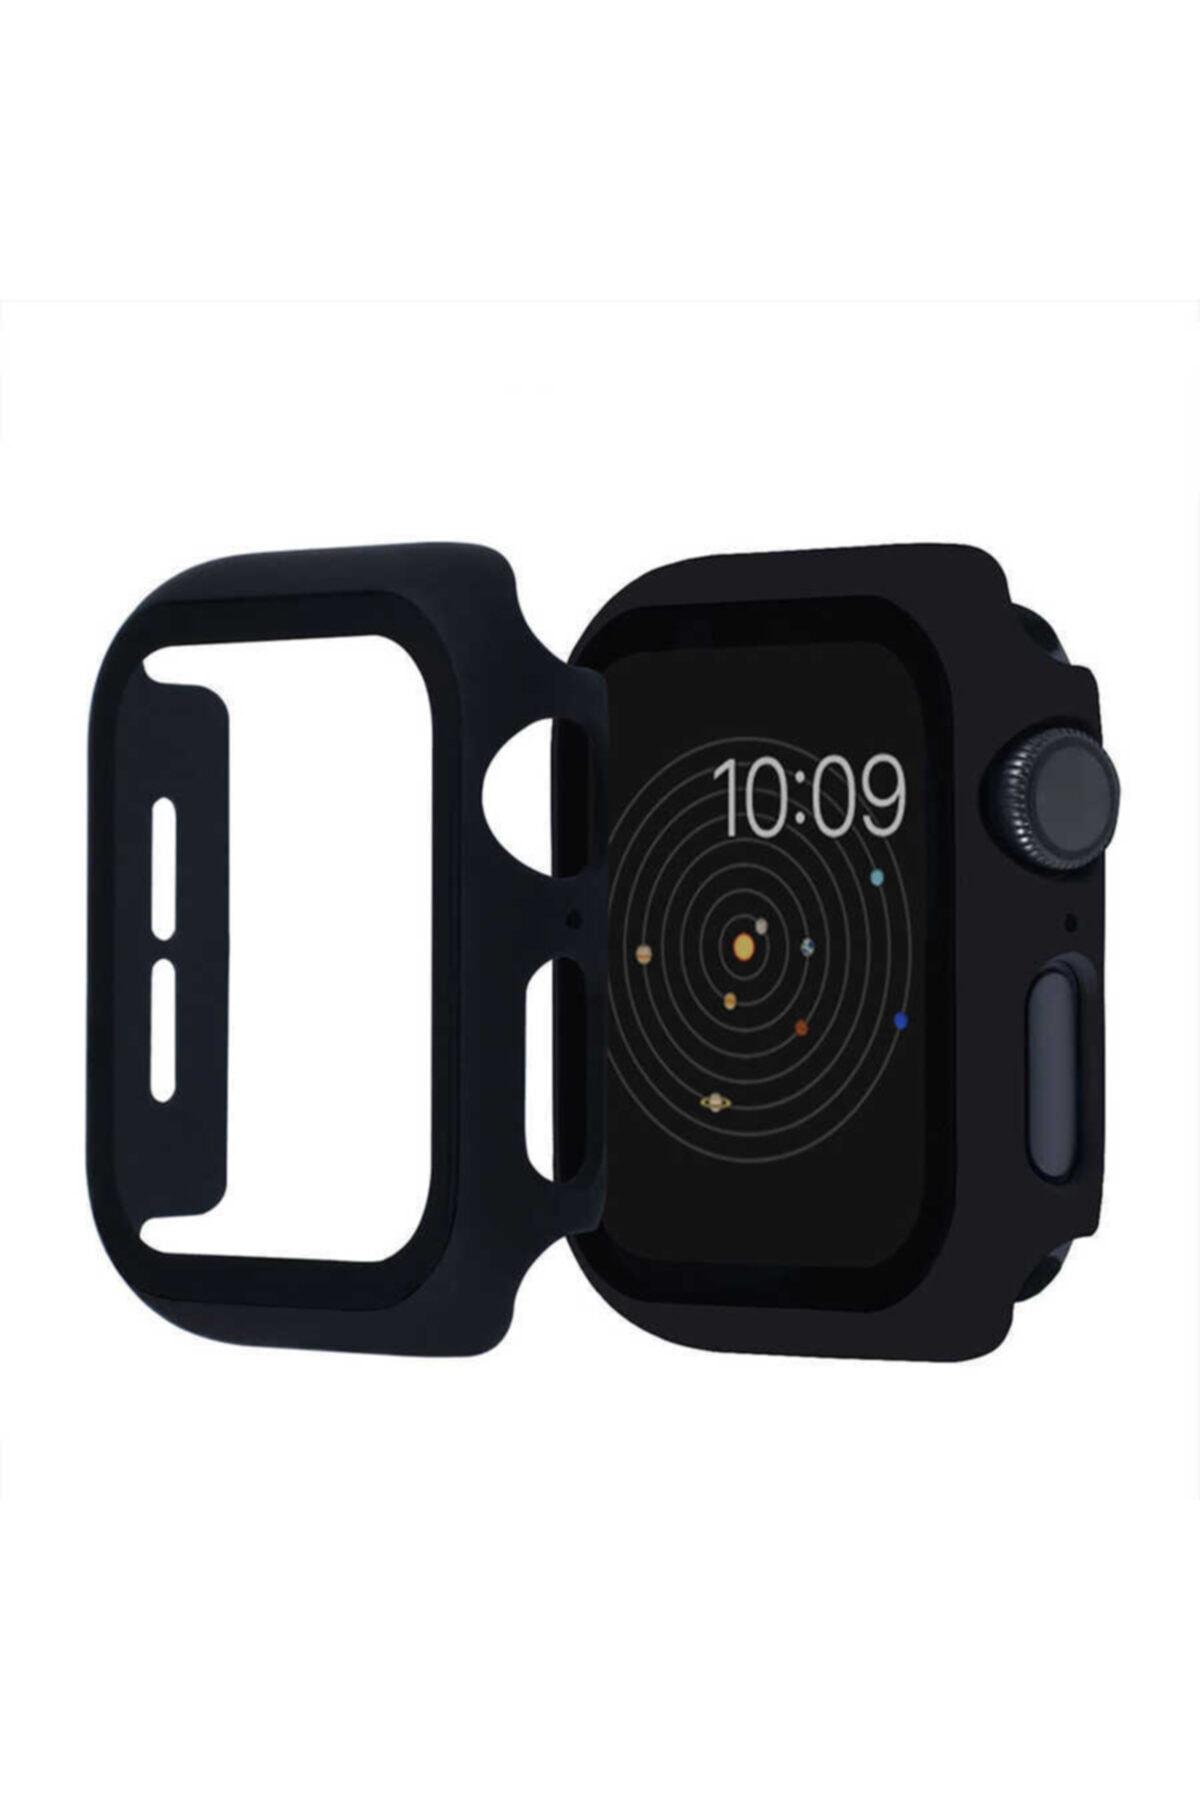 Nezih Case Kasa Ve Ekran Koruyucu Apple Watch Seri 6 40mm Akıllı Saat Için Siyah 1